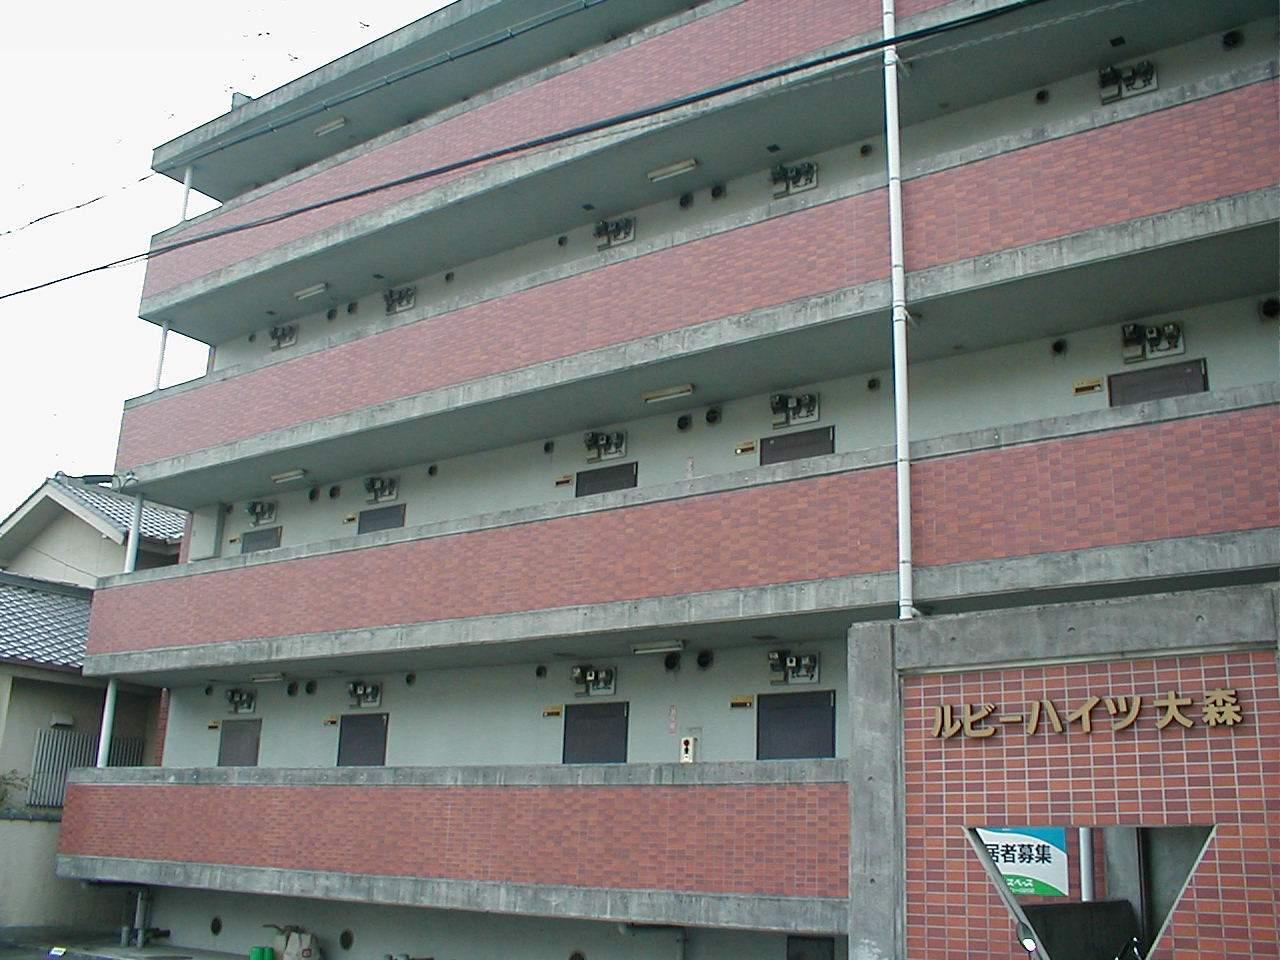 愛知県名古屋市守山区、大森・金城学院前駅徒歩3分の築29年 4階建の賃貸マンション